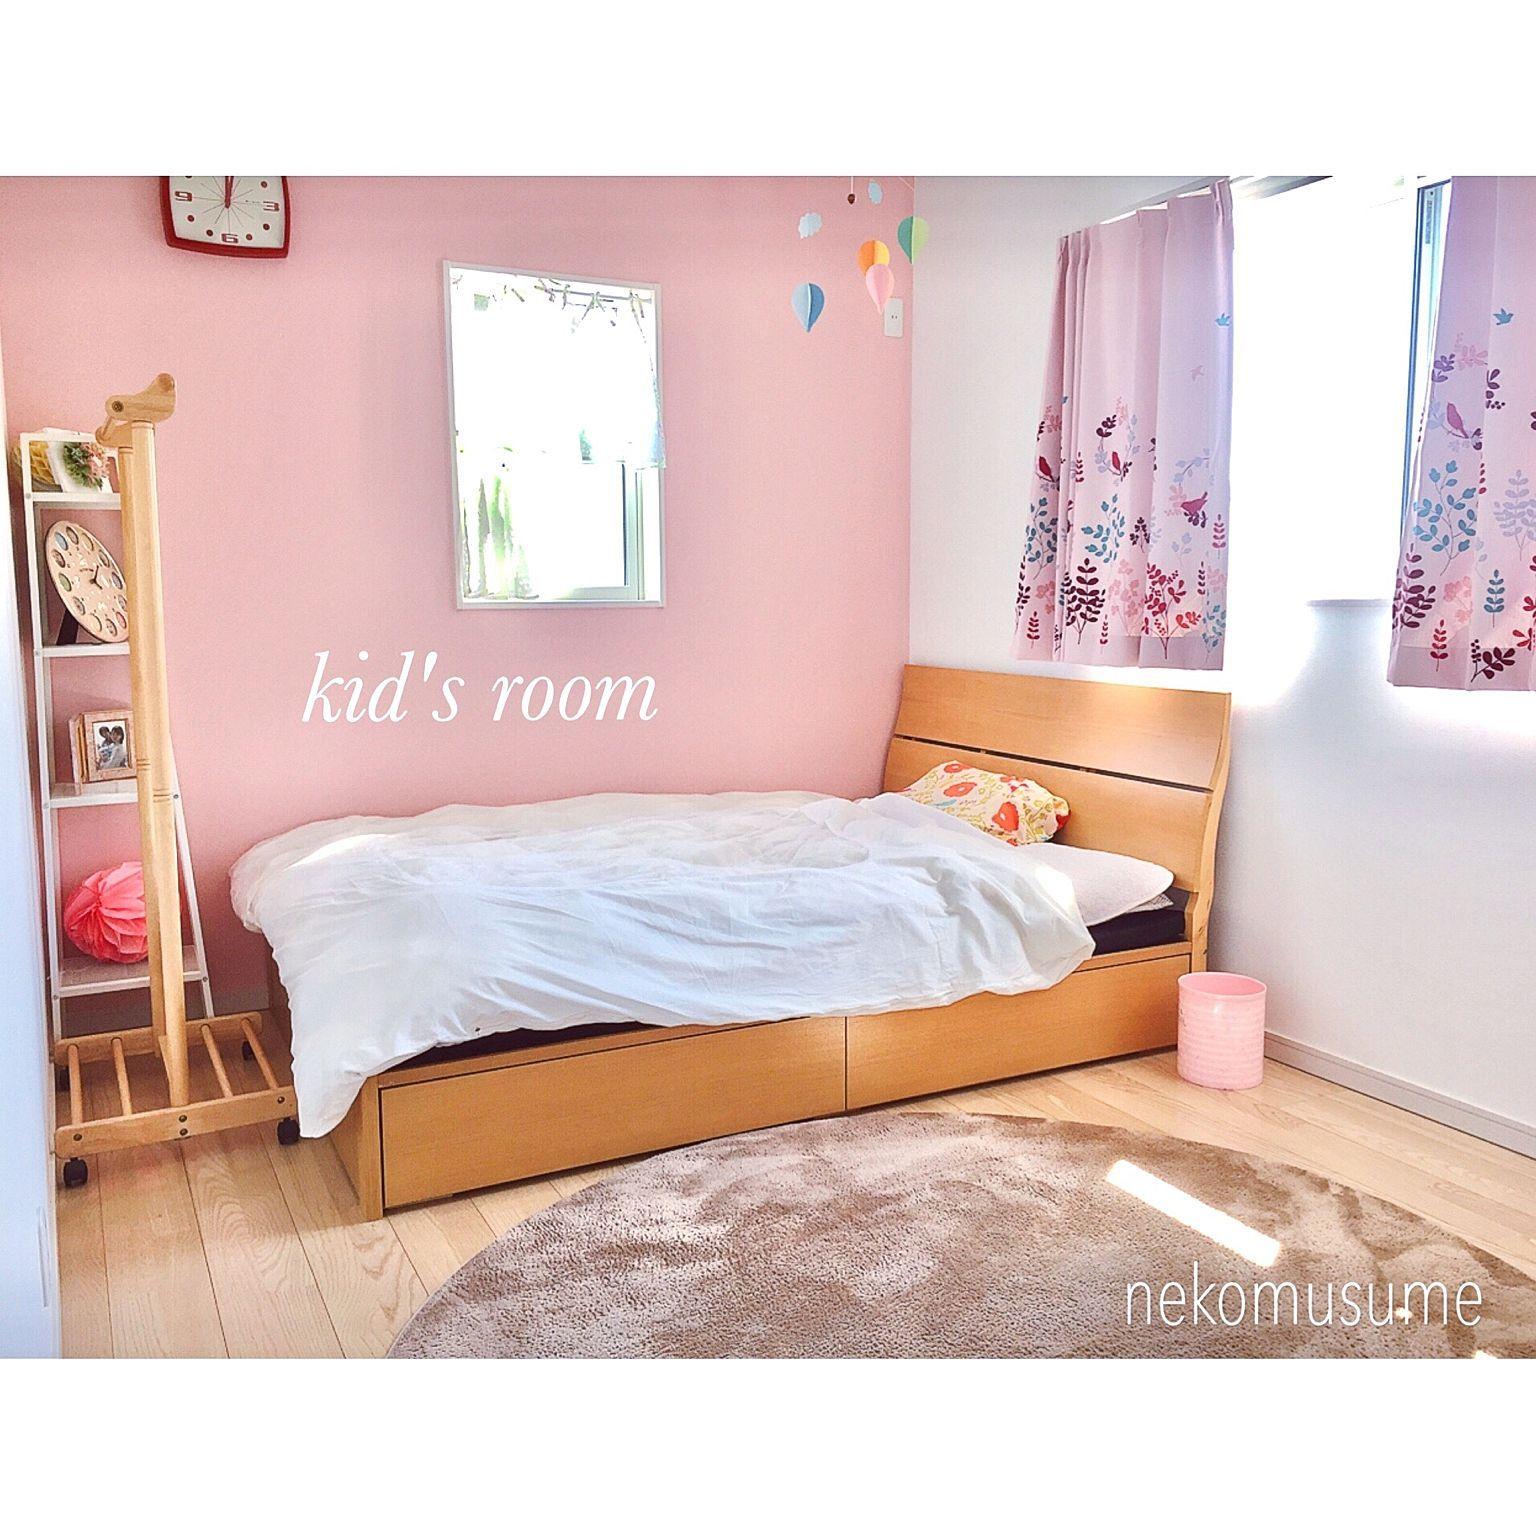 eebc9aeb222 子ども部屋/娘の部屋/ピンクの壁/ニトリのカーテン/ニトリのラグ/円形ラグ…などのインテリア実例 - 2017-03-10 12:25:54 |  RoomClip(ルームクリップ)